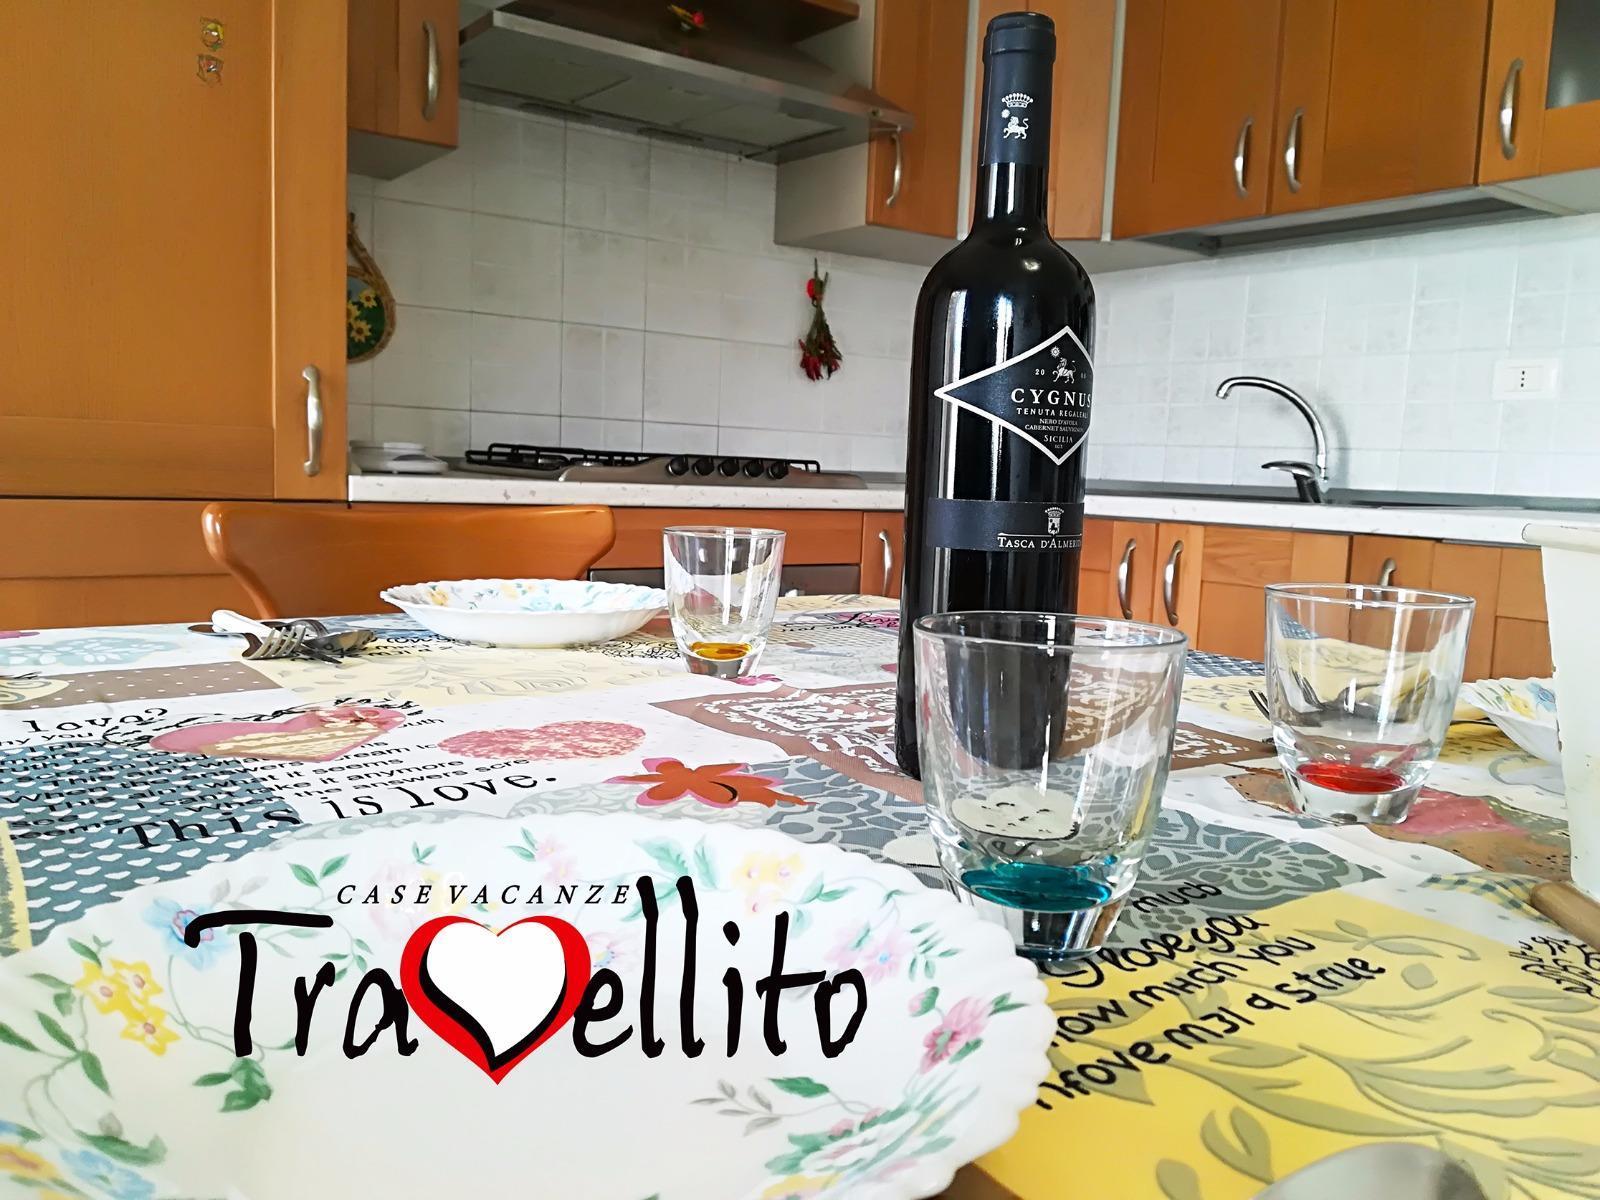 Travellito Vacanze Otranto Casa Matilde